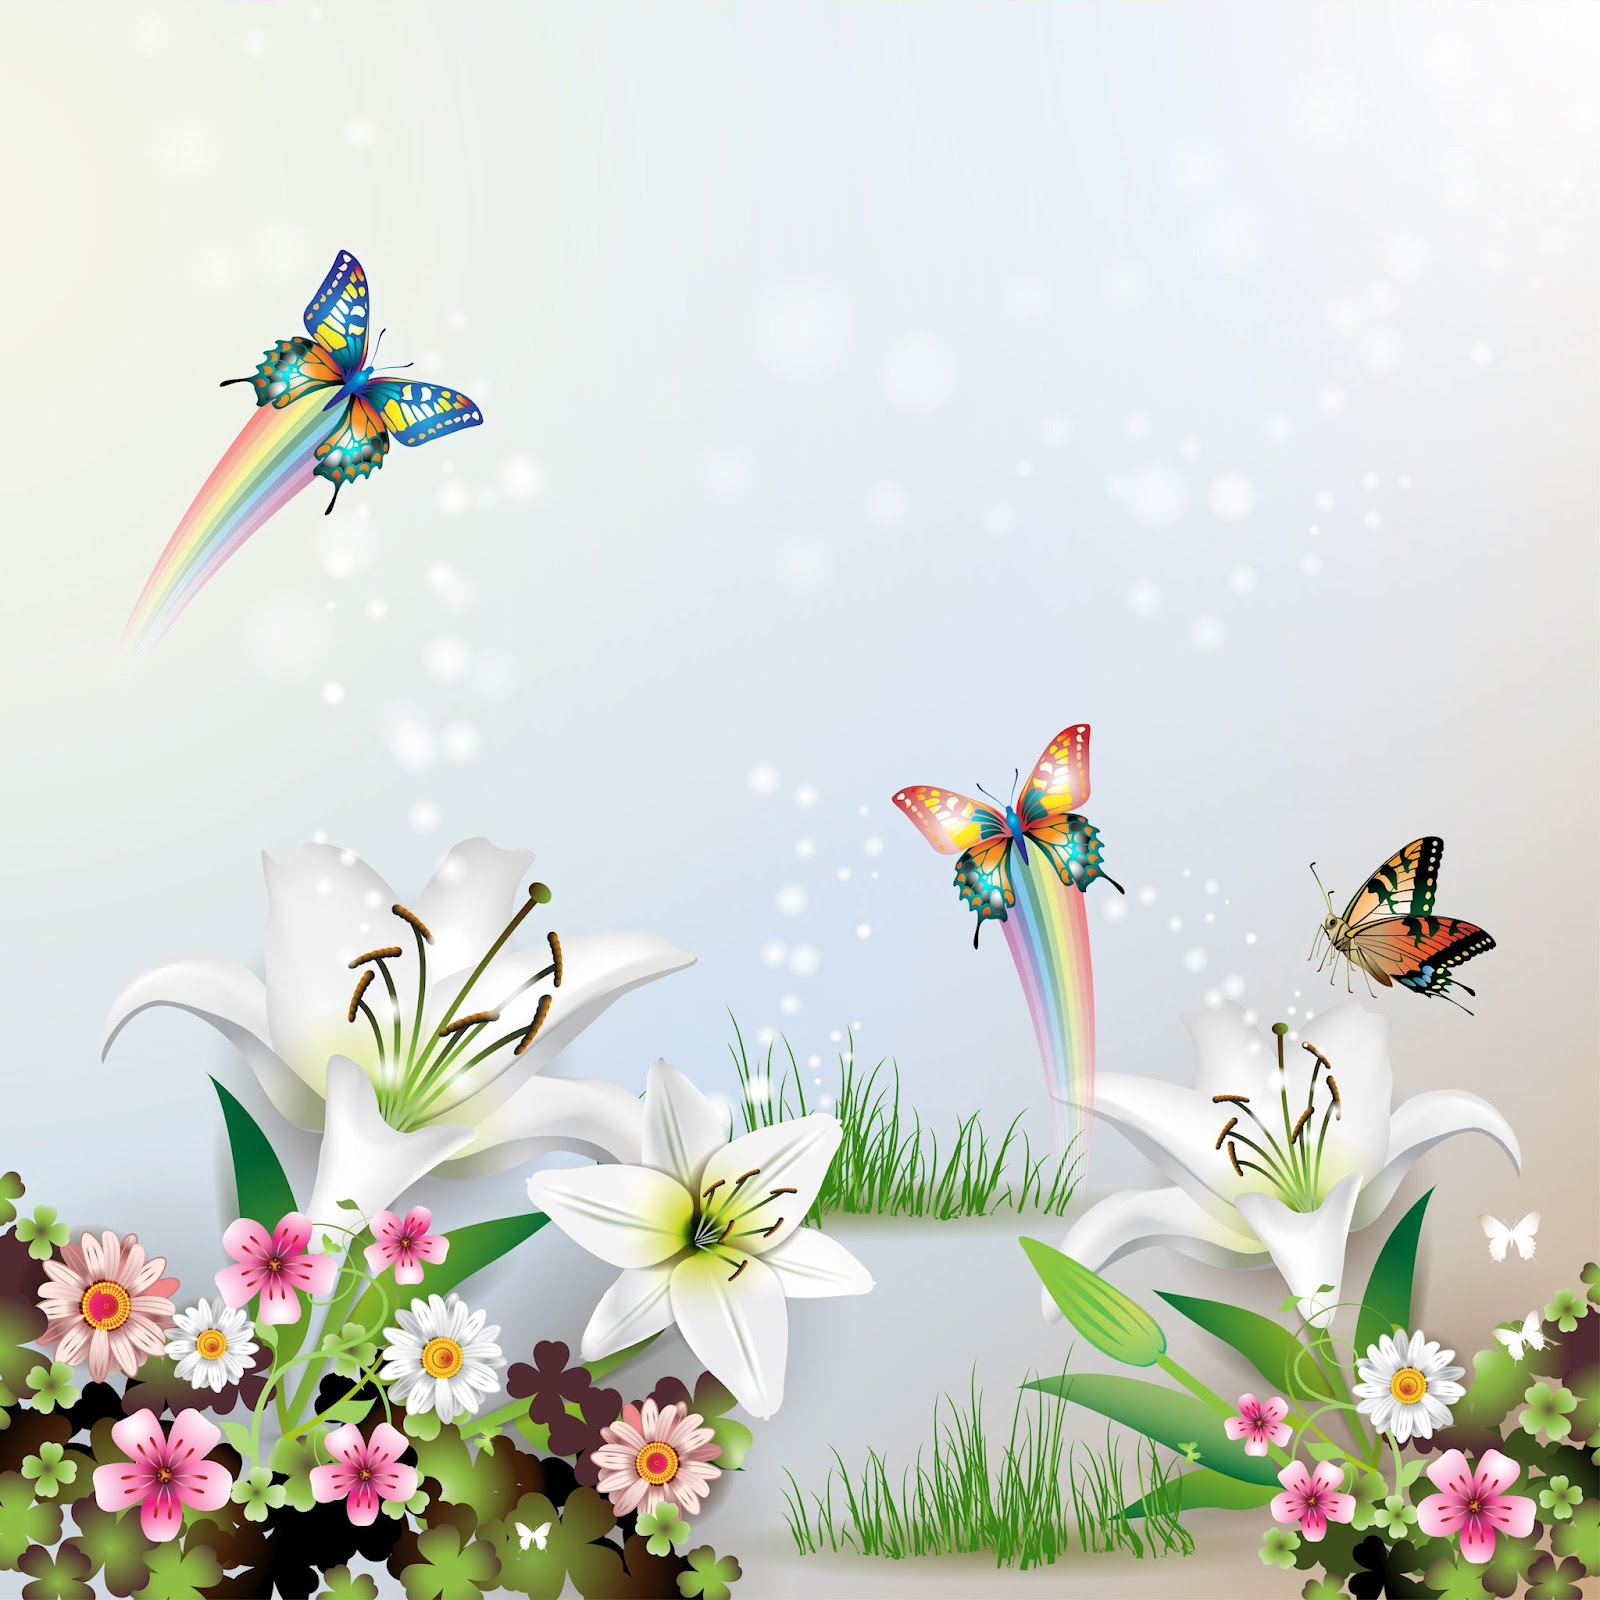 Ilustraci  N Con Mariposas Y Flores Para El Fondo De Tu IPad 2048x2048